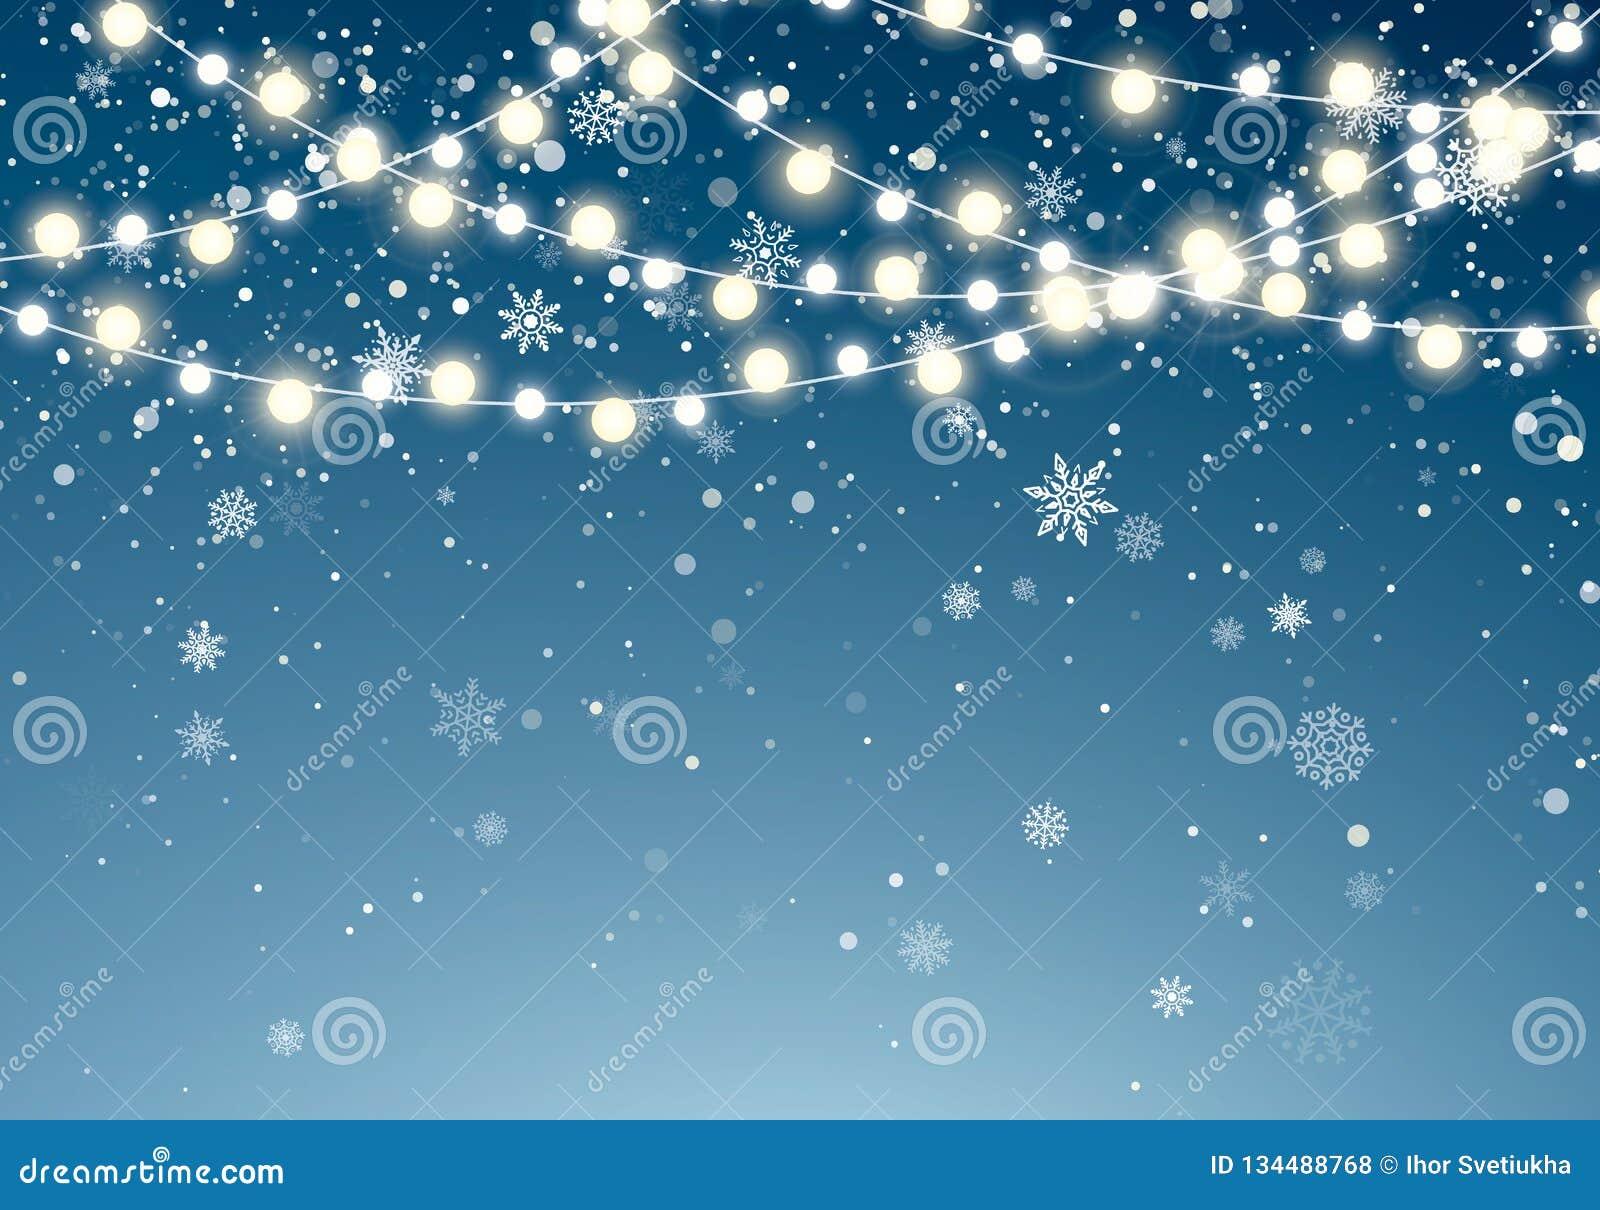 Bożonarodzeniowe światła z błyskotliwymi spada płatek śniegu na nocnego nieba tle Xmas rozjarzona girlanda Bożenarodzeniowy opad